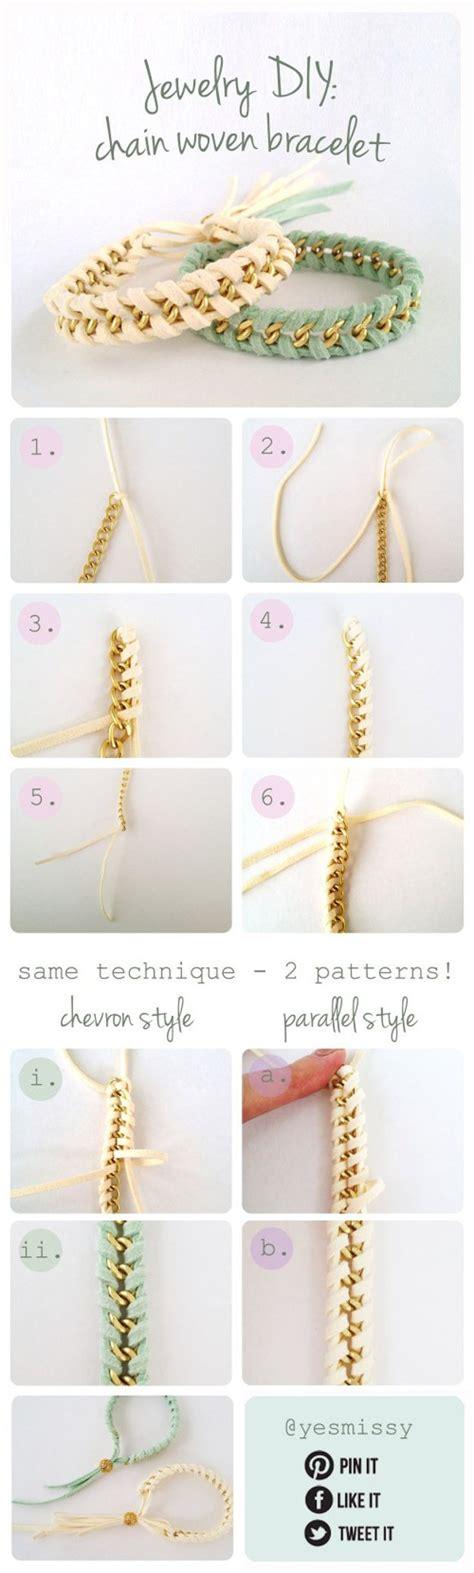 diy trends diy braided bracelets jewelry trends diy ready